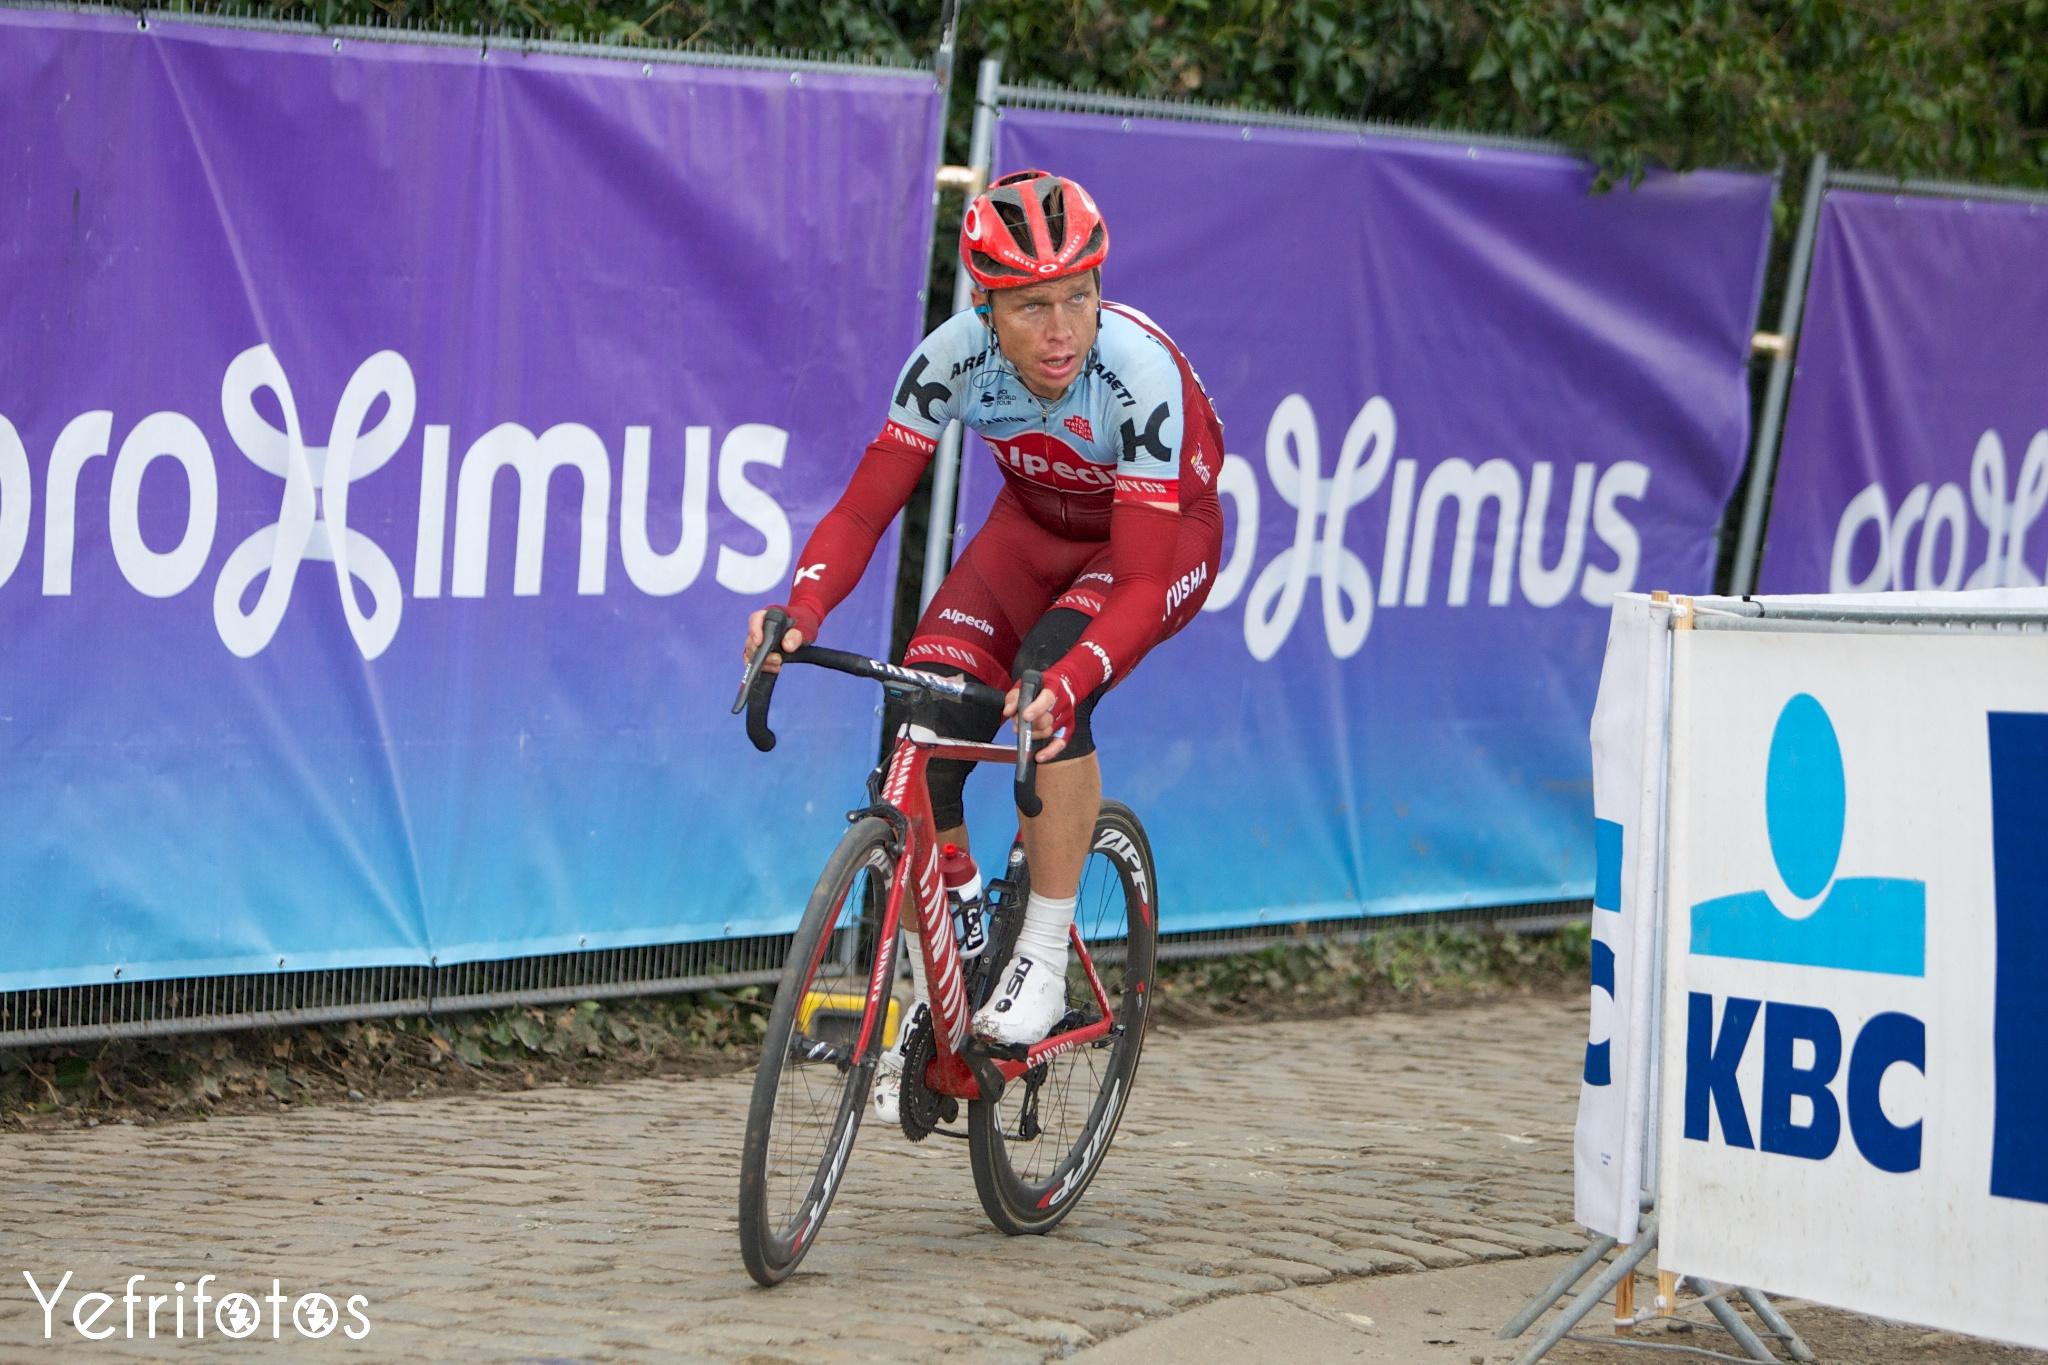 Tour des Flandres Paterberg